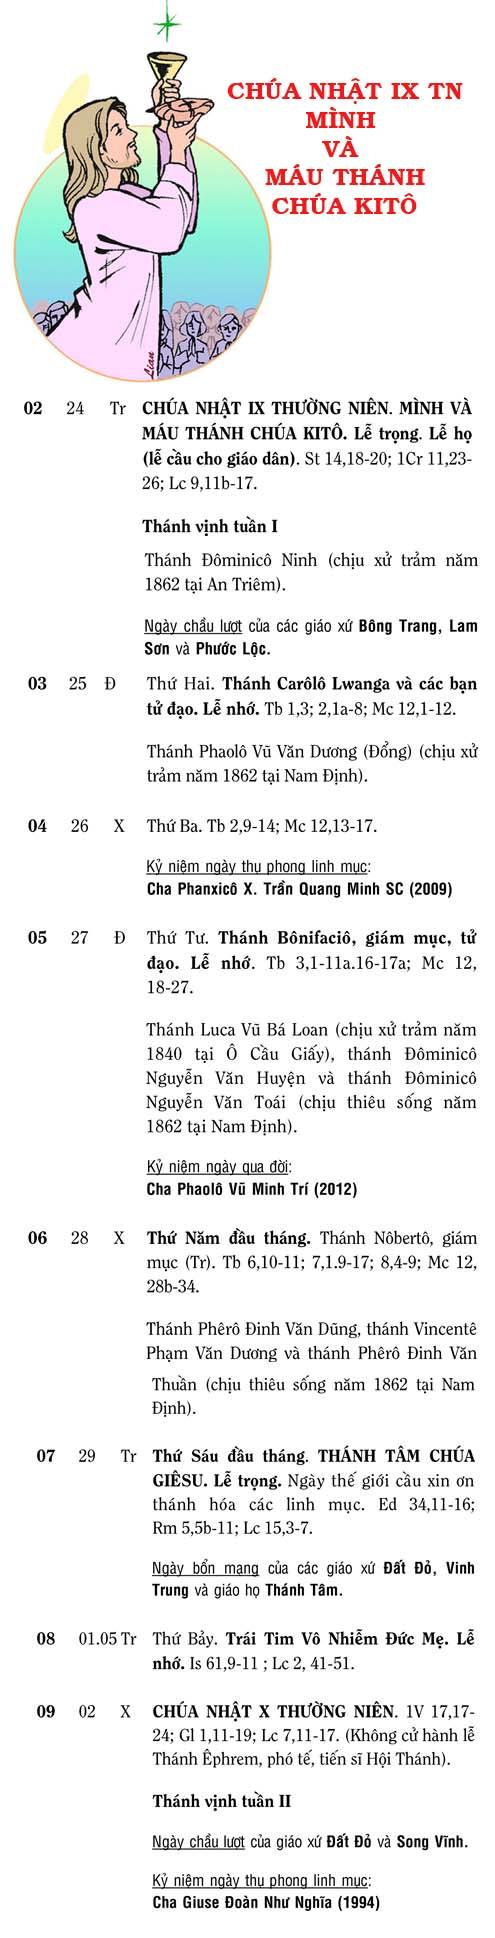 CN MINH THANH